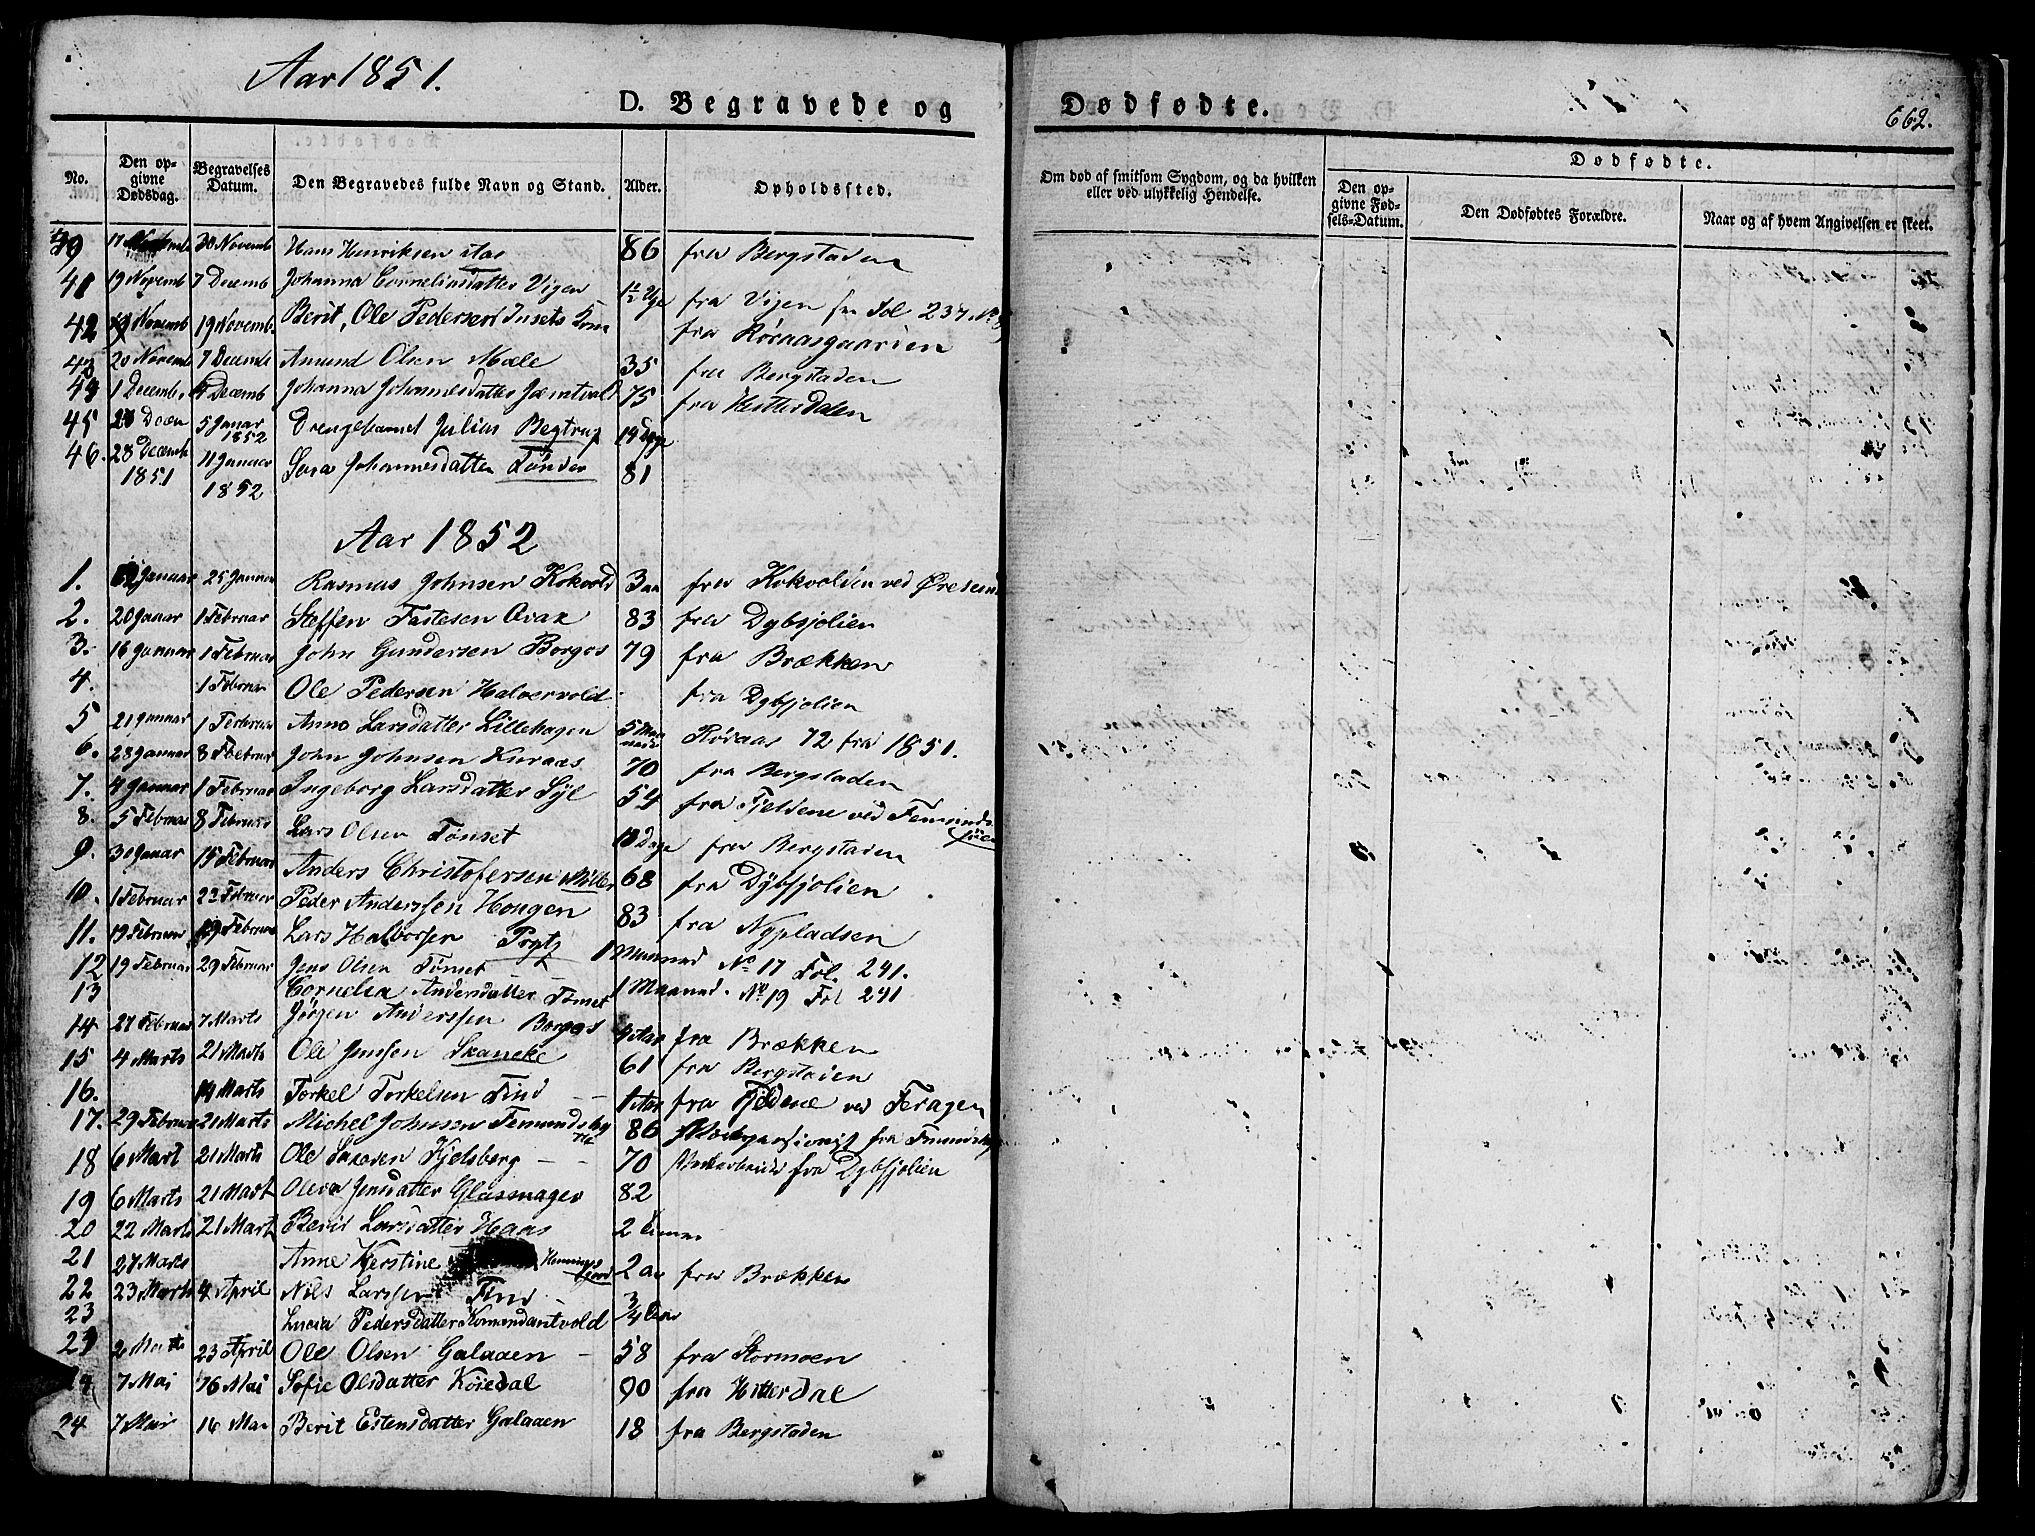 SAT, Ministerialprotokoller, klokkerbøker og fødselsregistre - Sør-Trøndelag, 681/L0939: Klokkerbok nr. 681C03, 1829-1855, s. 662